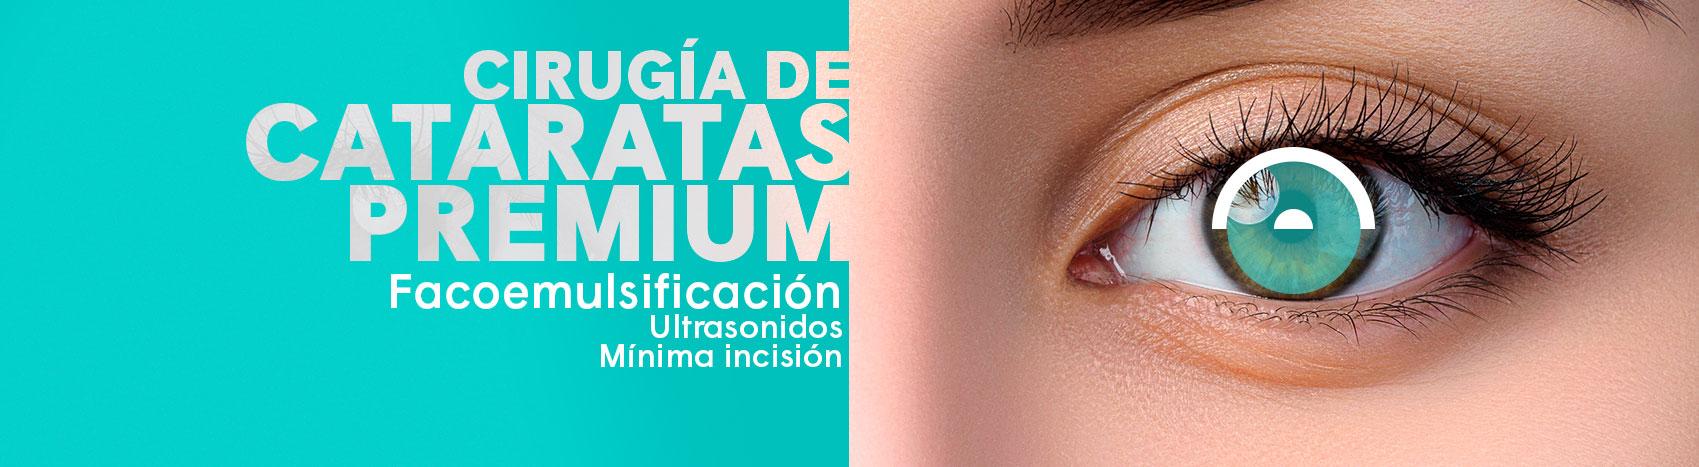 Cirugía de Cataratas Premium